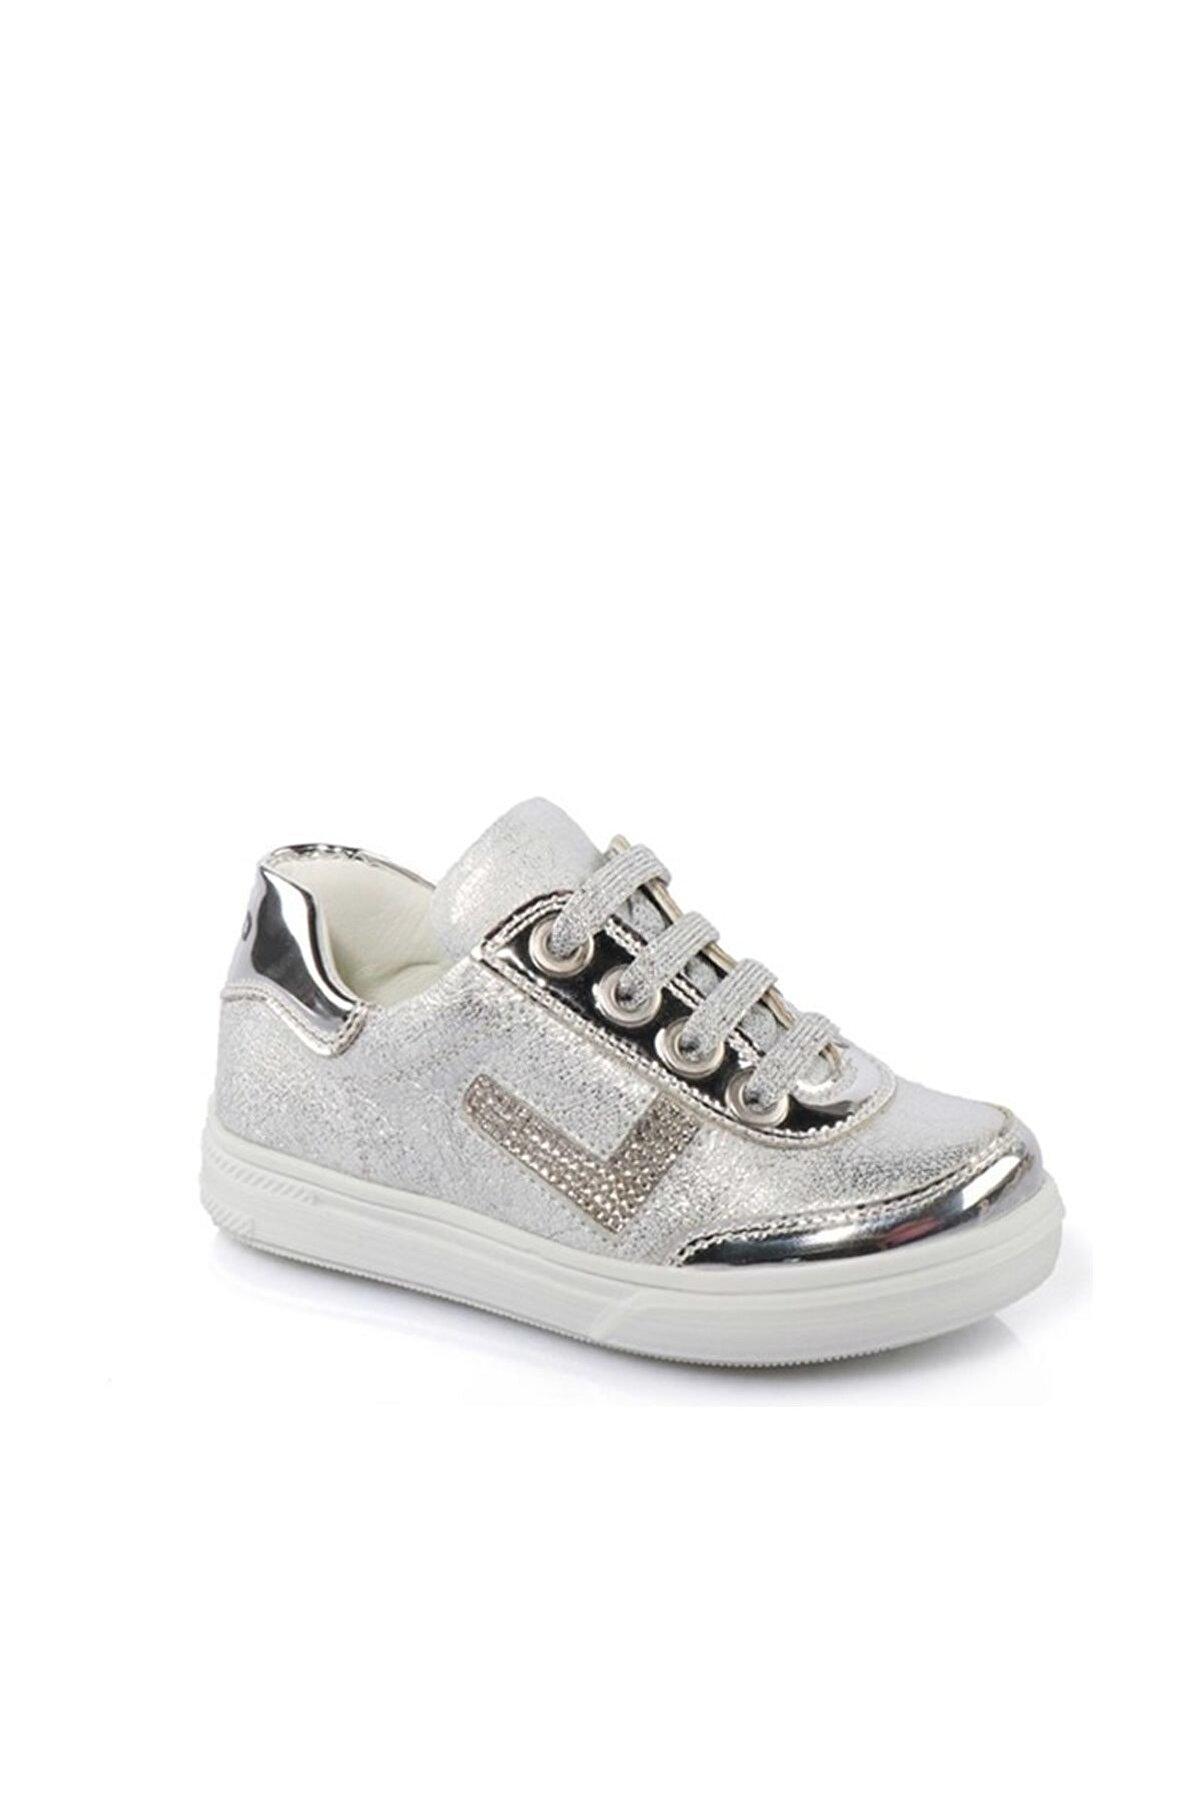 Vicco Deri Ayakkabı Gümüş